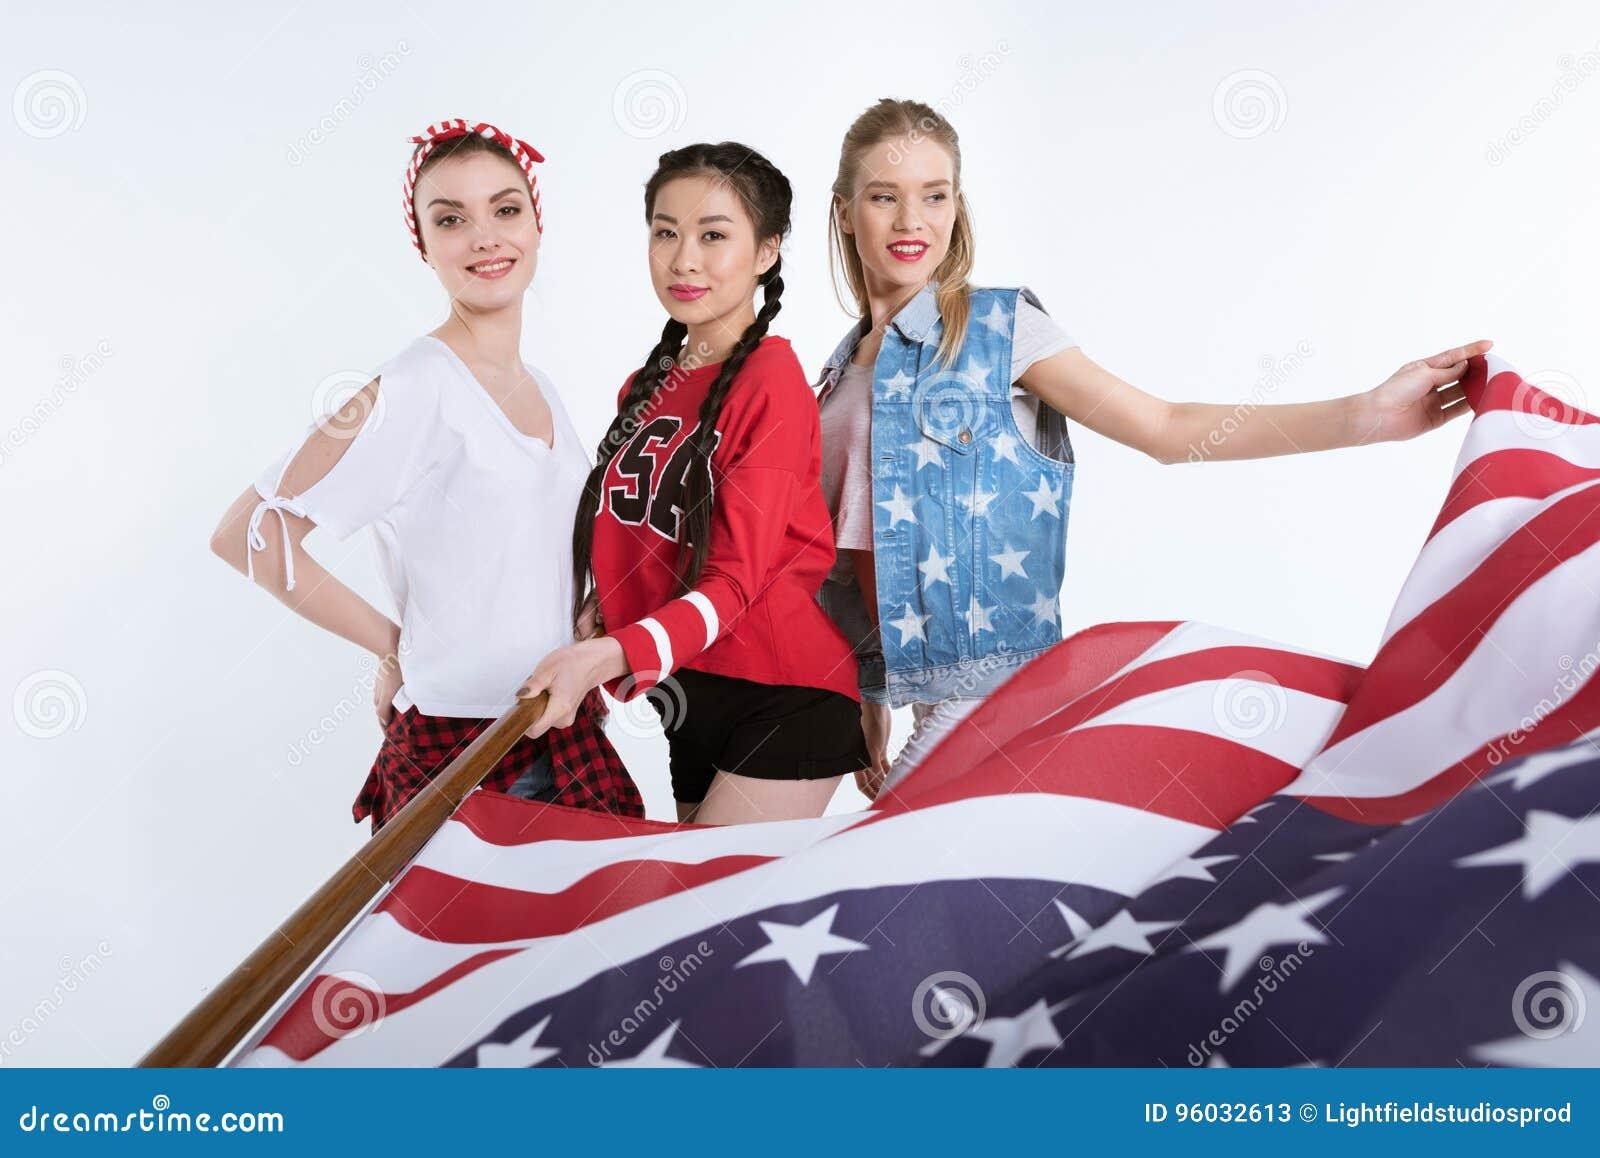 Eleganckie młode kobiety pozuje z flaga amerykańską w rękach